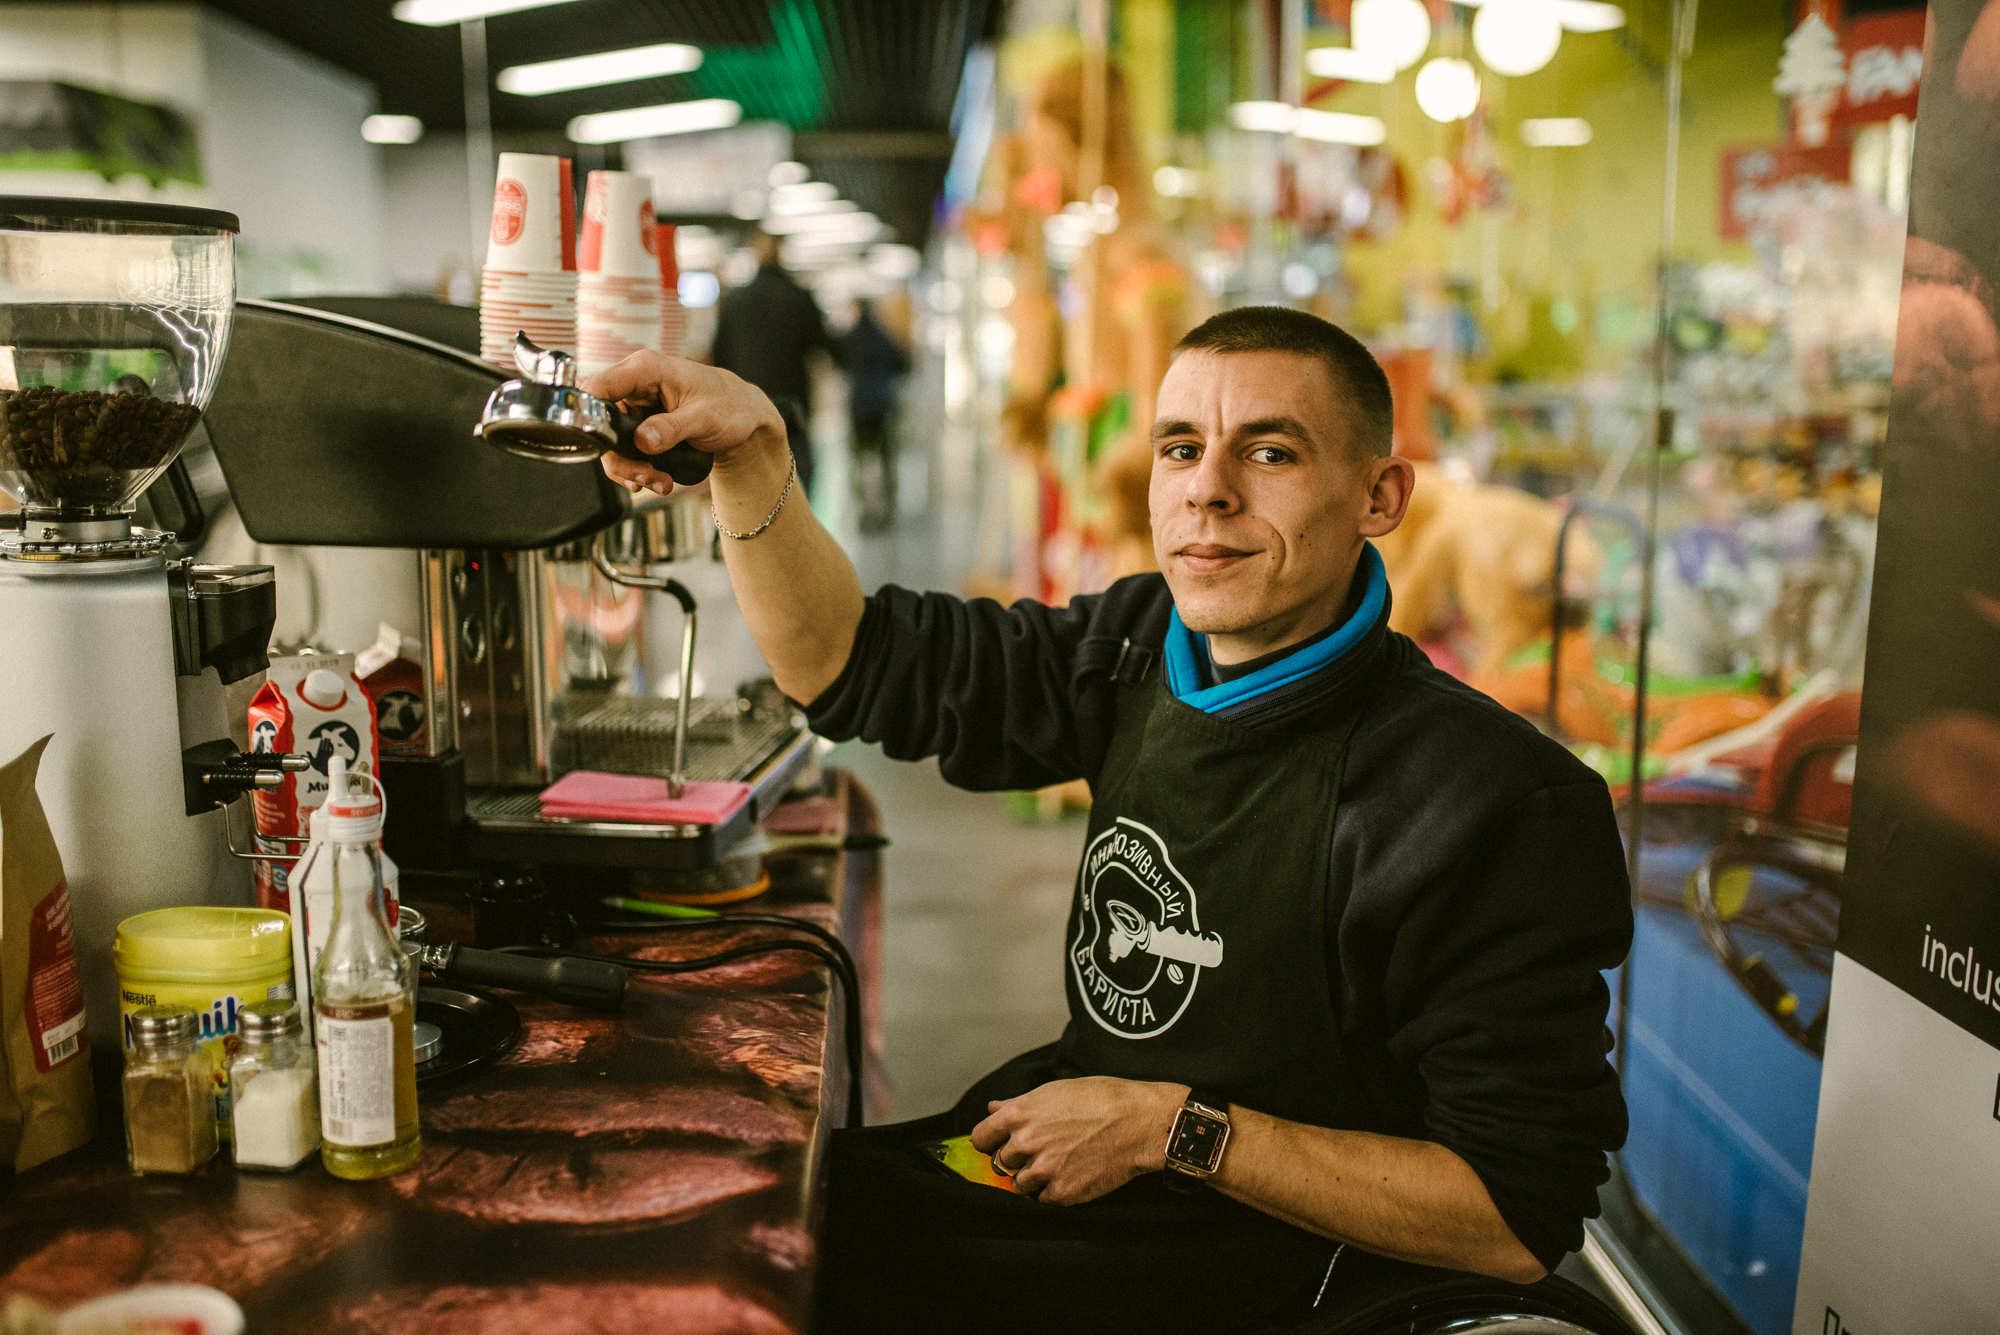 Спортсмен, бариста и отец в инвалидной коляске. Дмитрий Архипенко из Могилёва – о жизни без барьеров